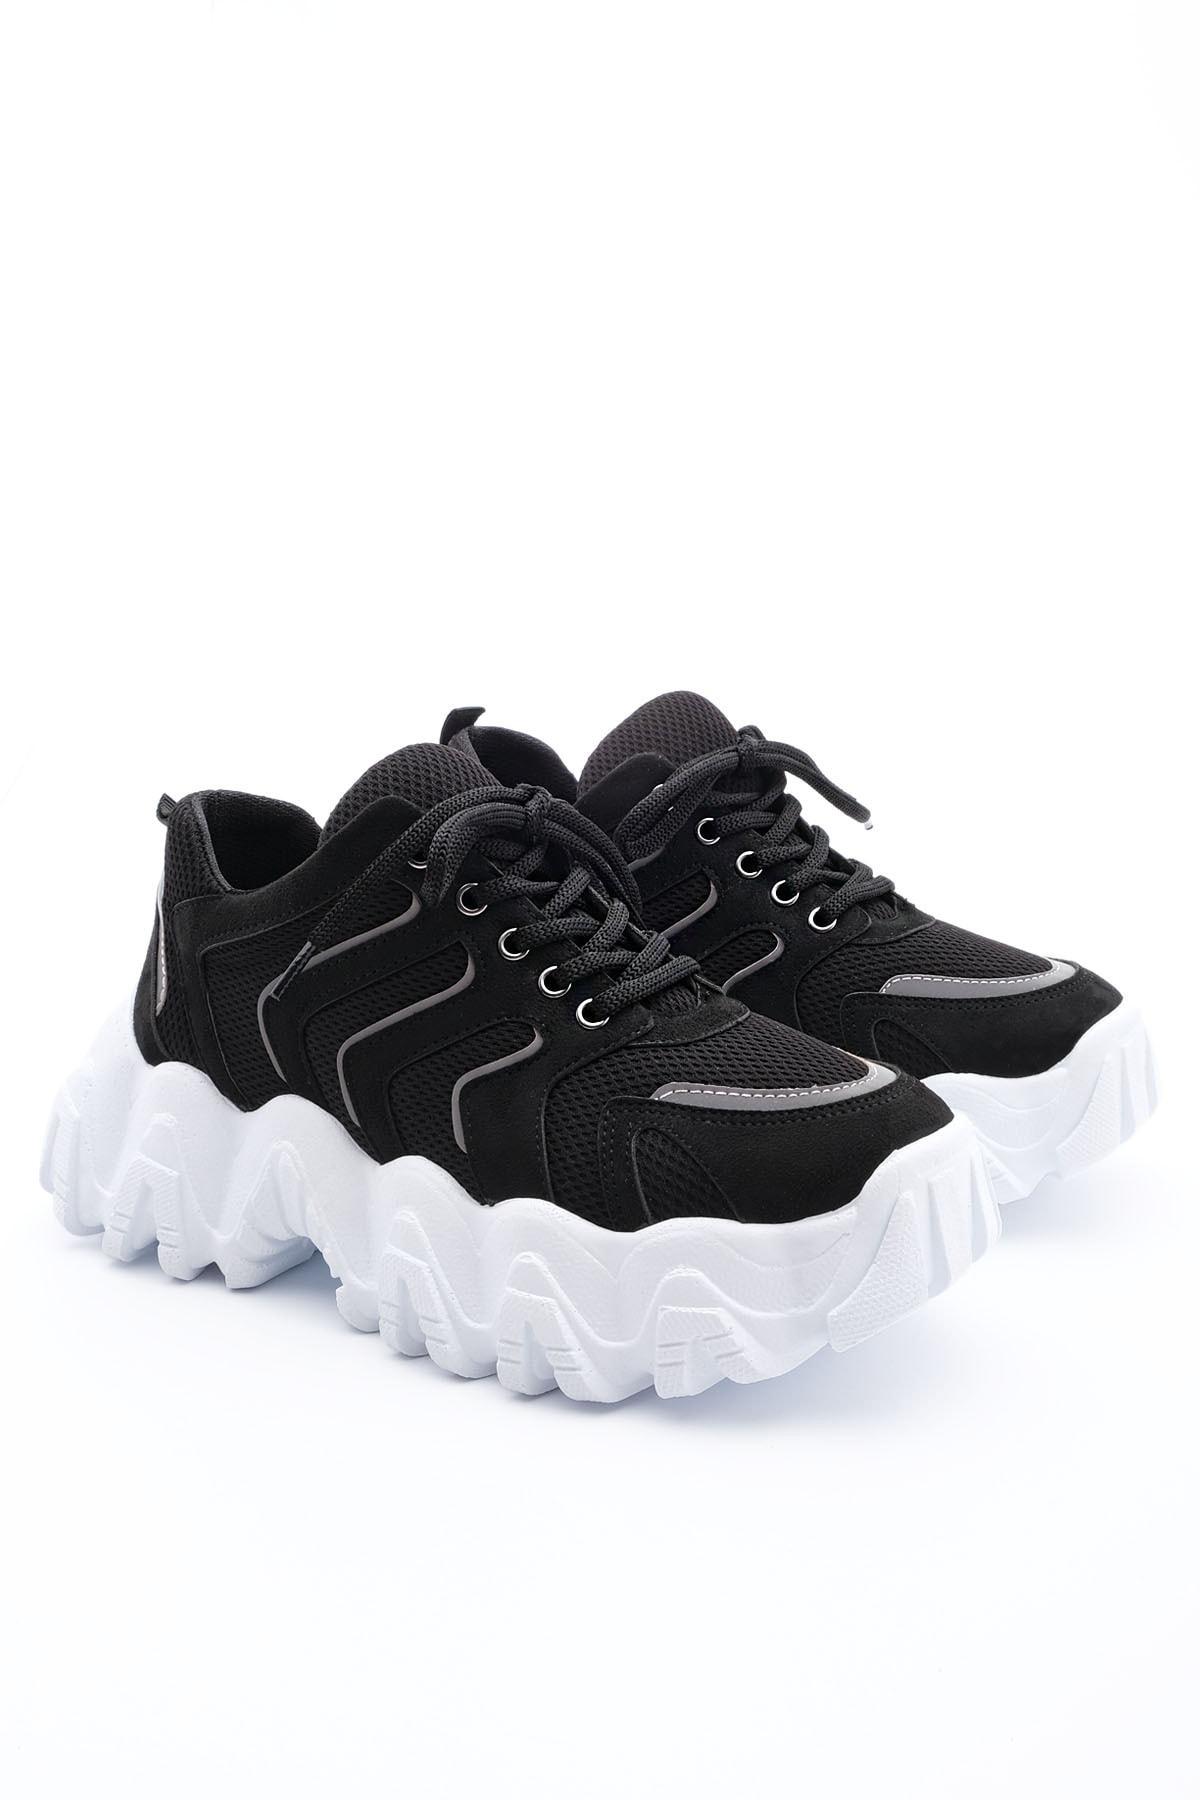 Marjin Kadın Siyah Sneaker Dolgu Topuk Spor Ayakkabı Santa 1